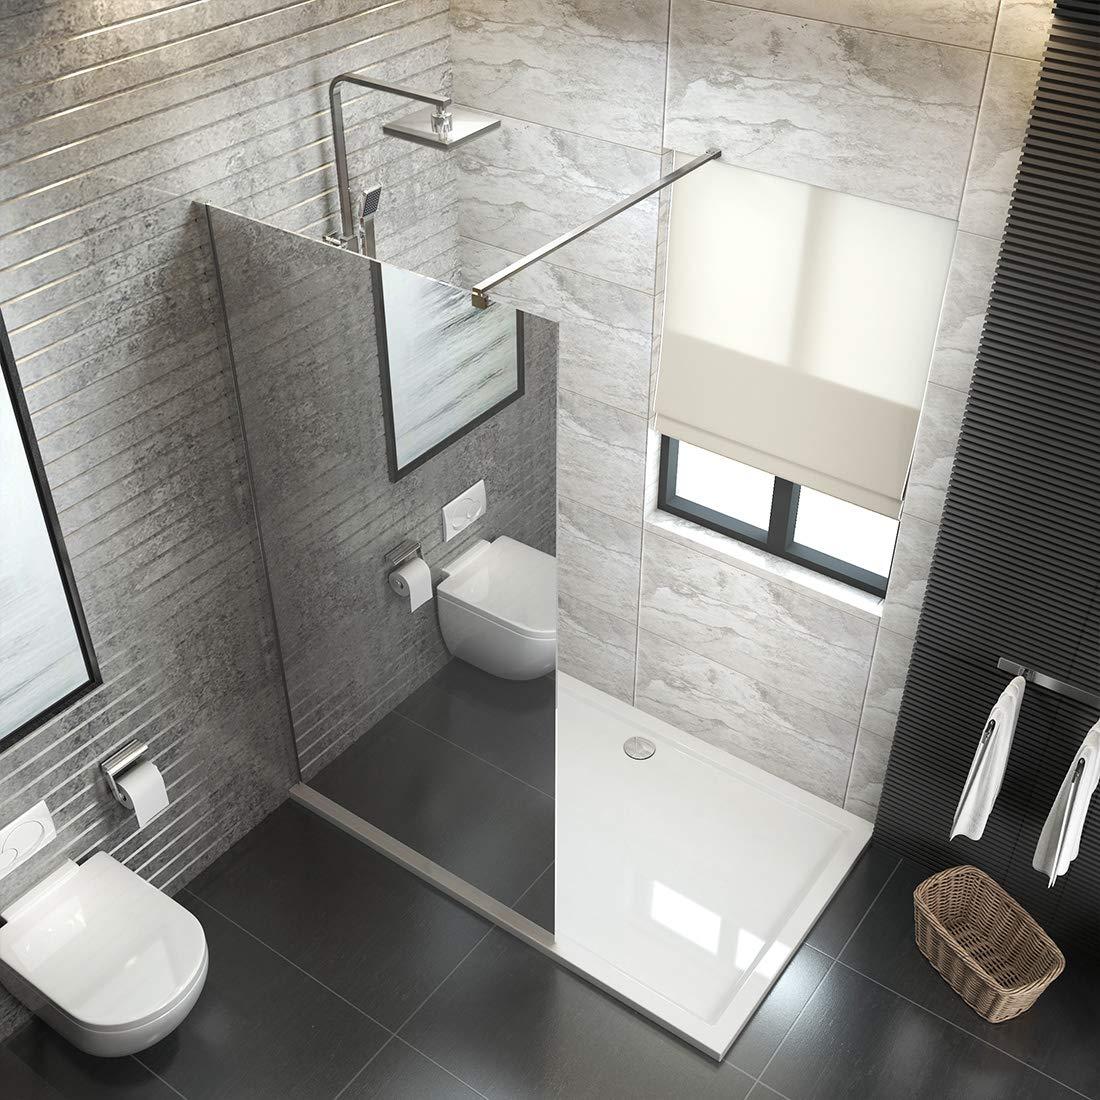 düravak ducha Walk In Mampara de ducha (Cristal de 6 mm Nano Leche Frosted Espejo Cristal separador con barra de estabilización: Amazon.es: Bricolaje y herramientas